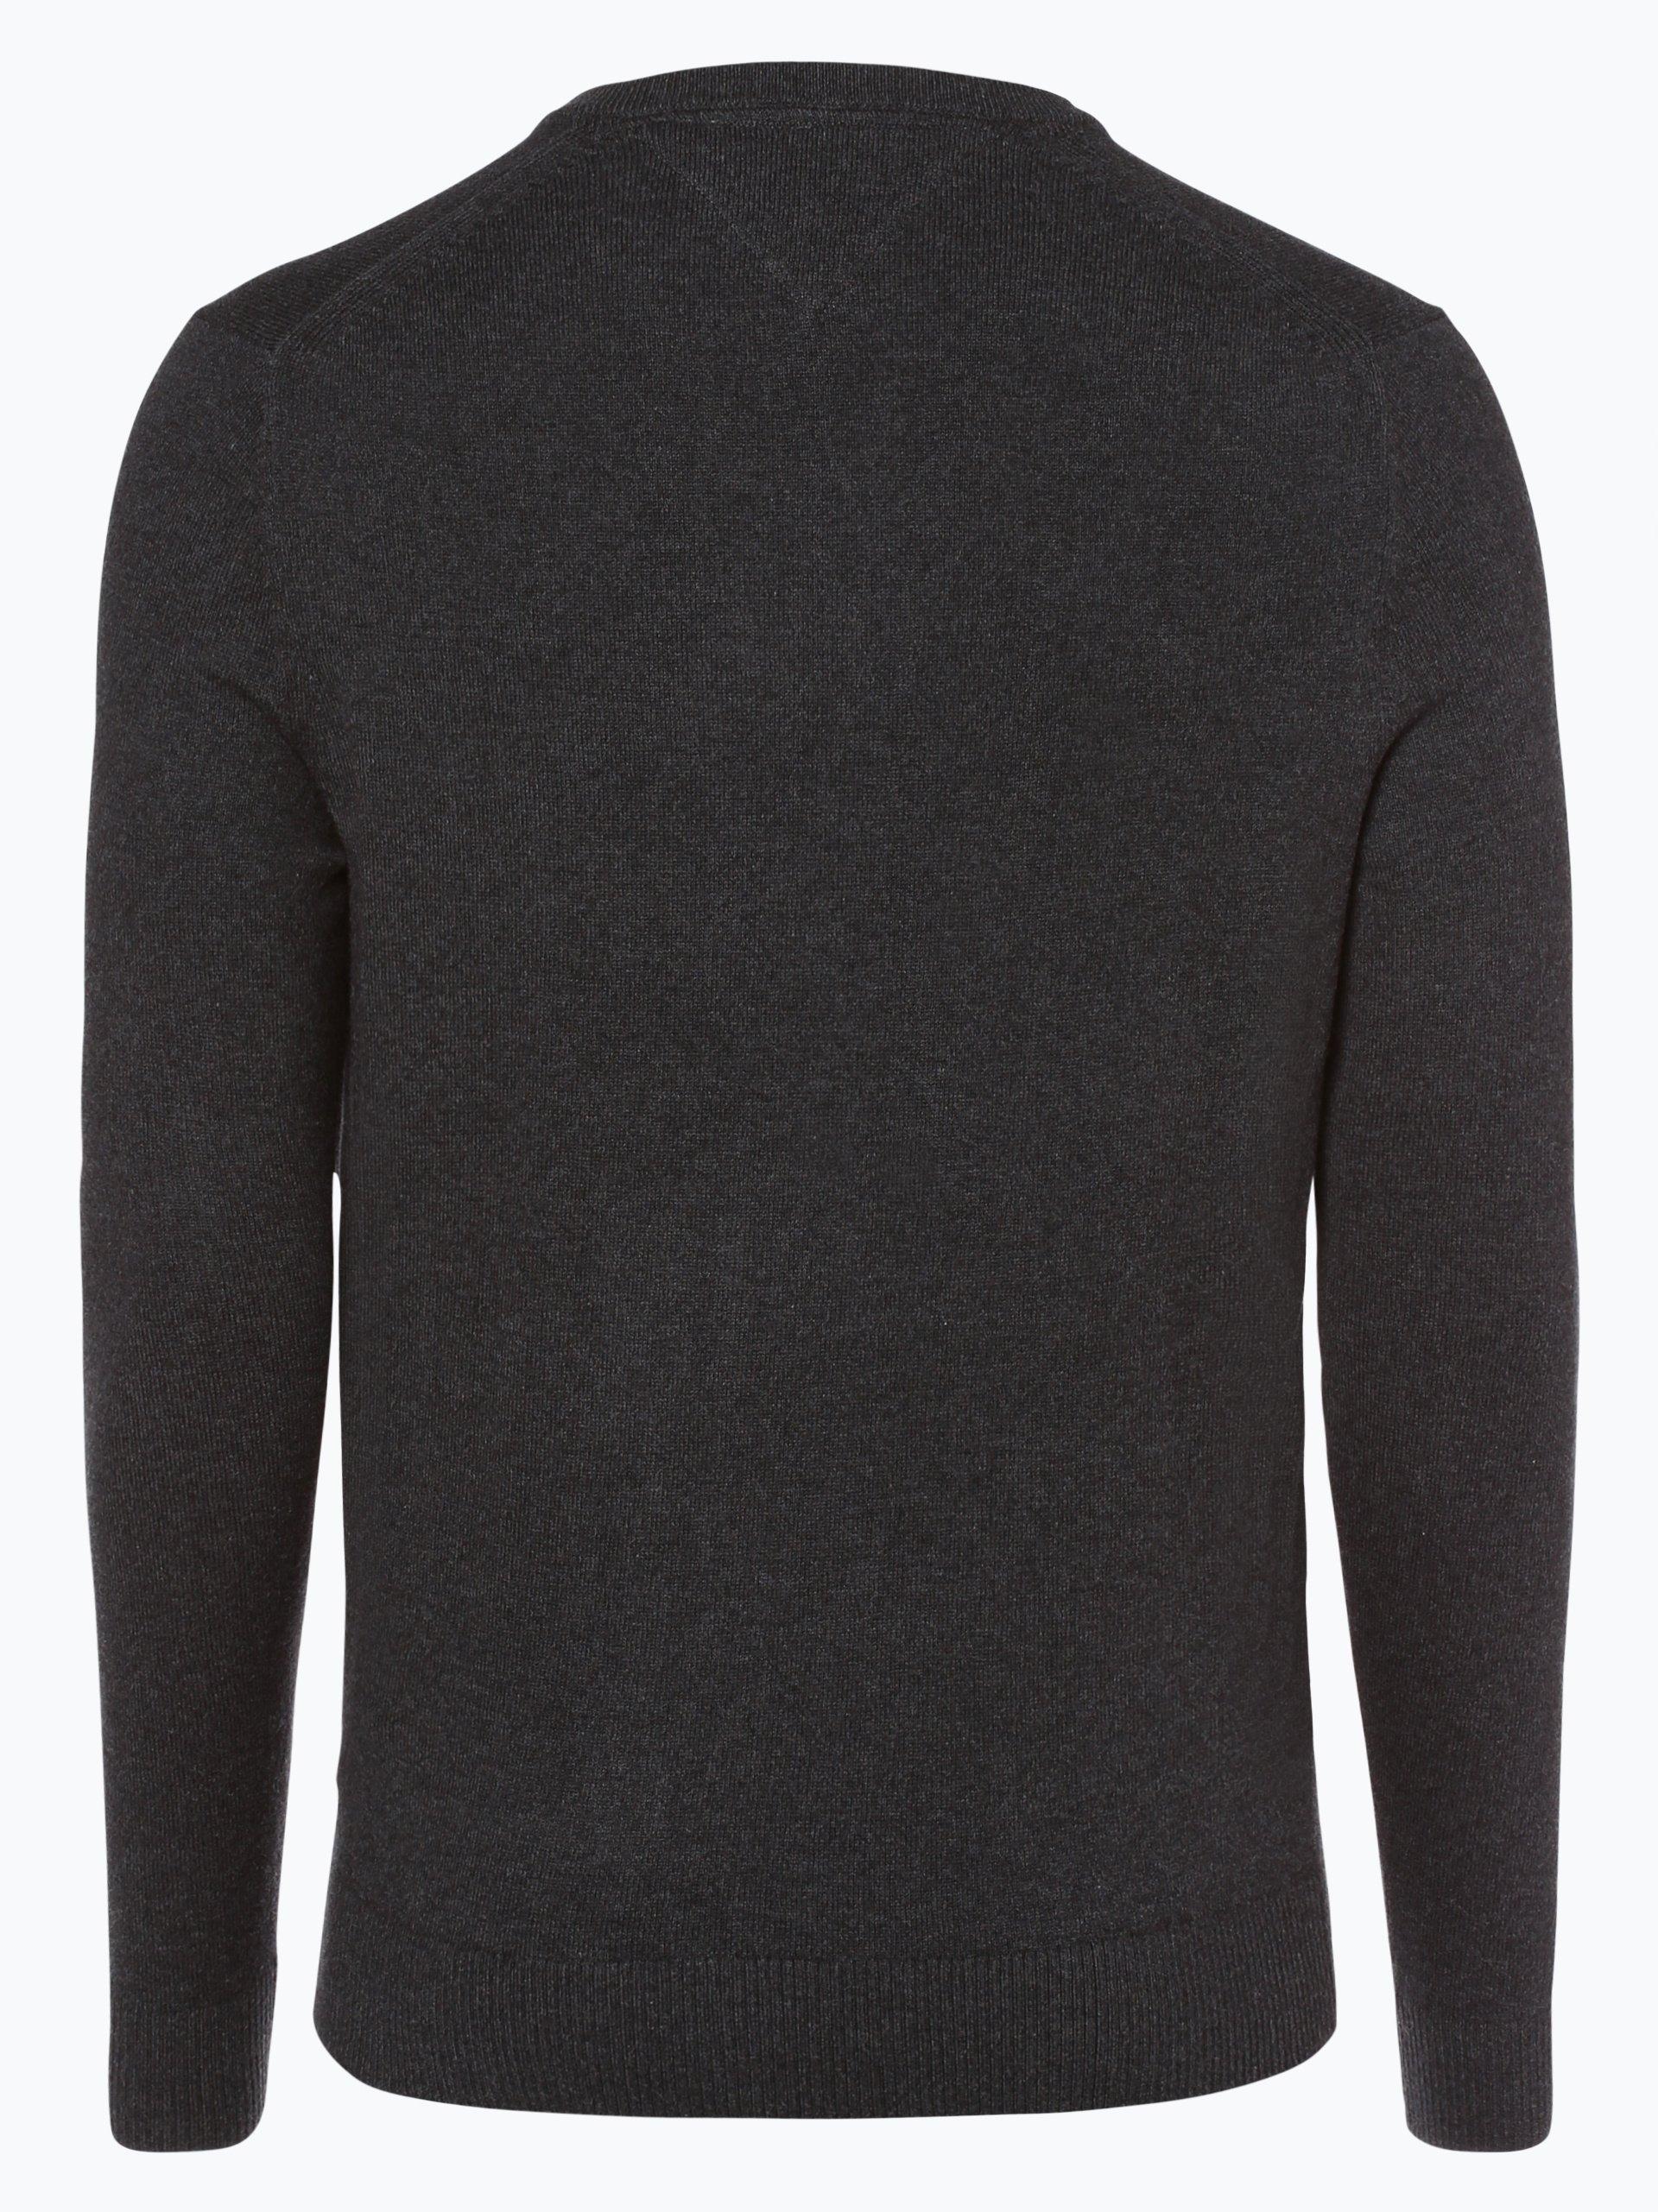 tommy hilfiger herren pullover mit cashmere anteil. Black Bedroom Furniture Sets. Home Design Ideas